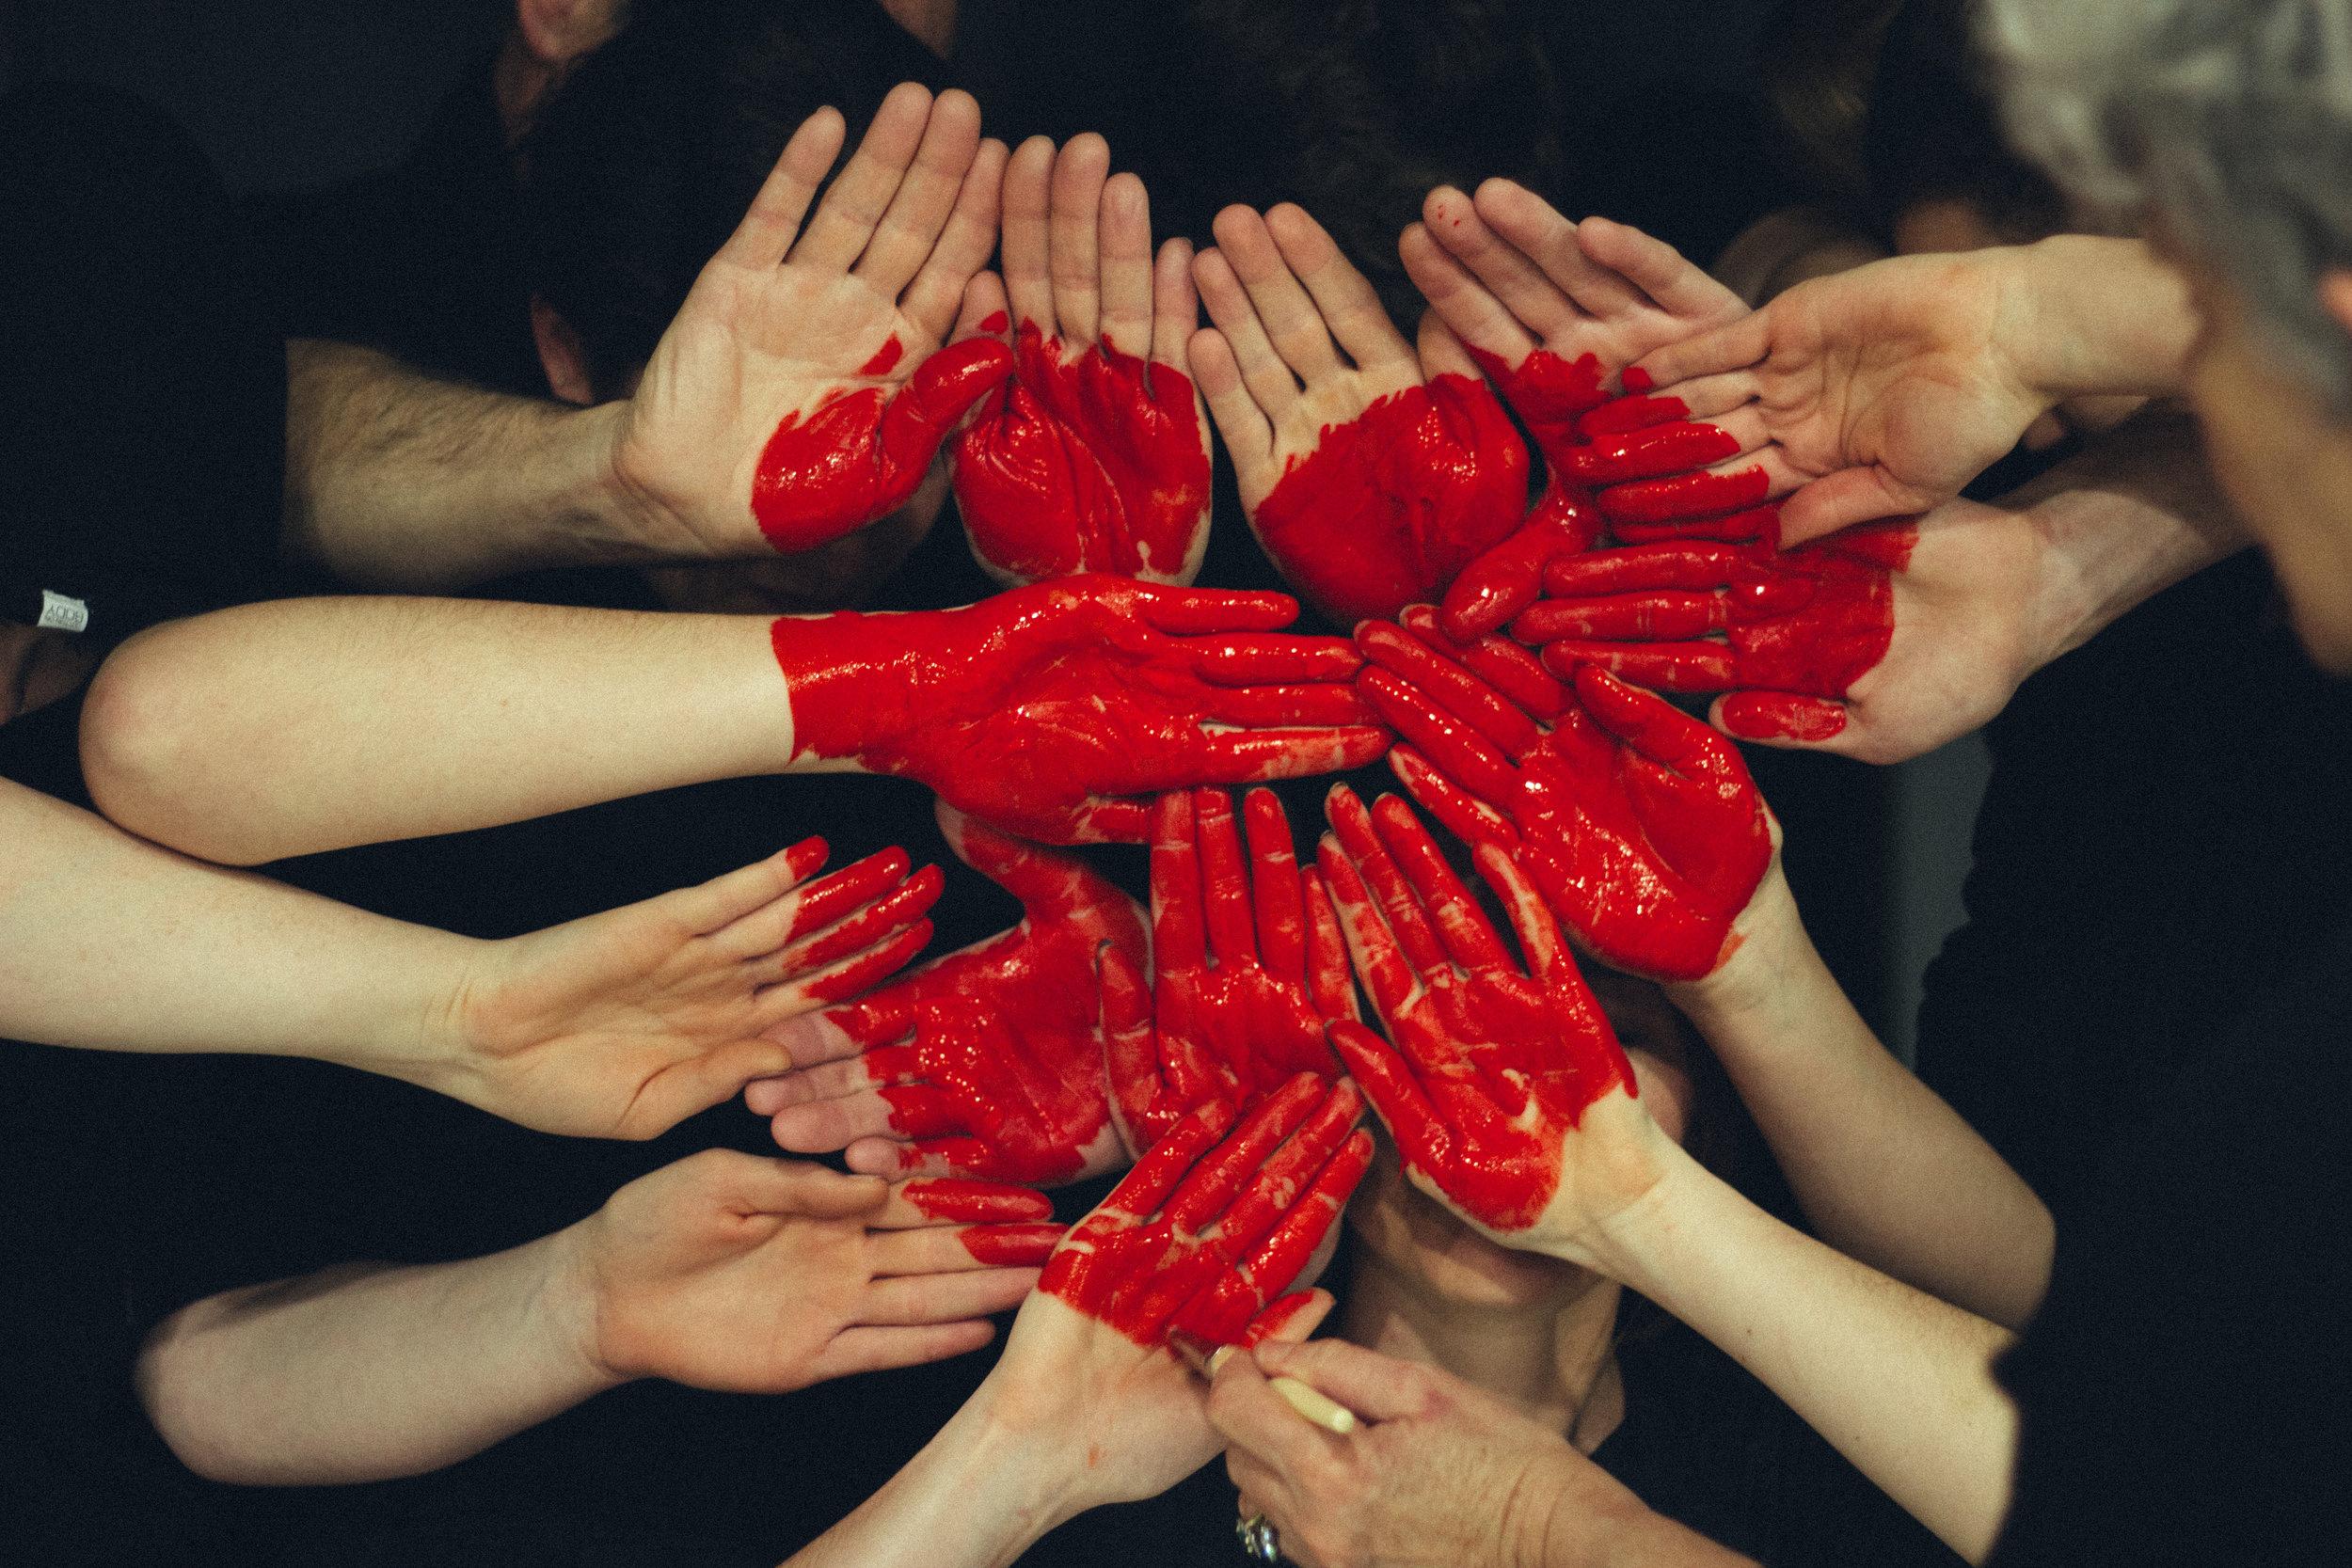 team-projektleiter-projekt-hands-hände-herz-rot-heart-red